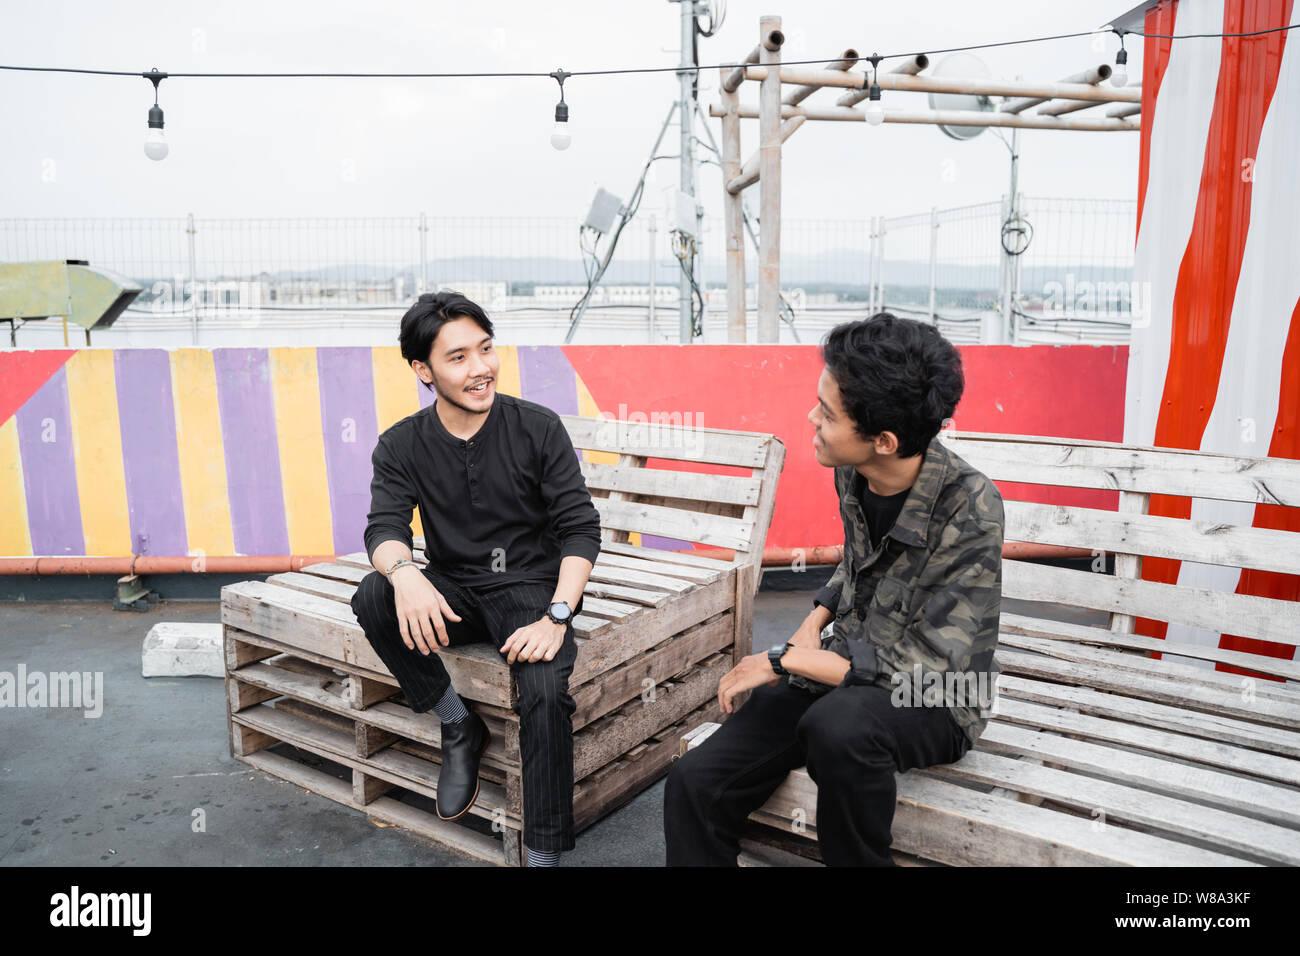 Zwei junge Mann sitzt auf dem Holzbrett Stockfoto